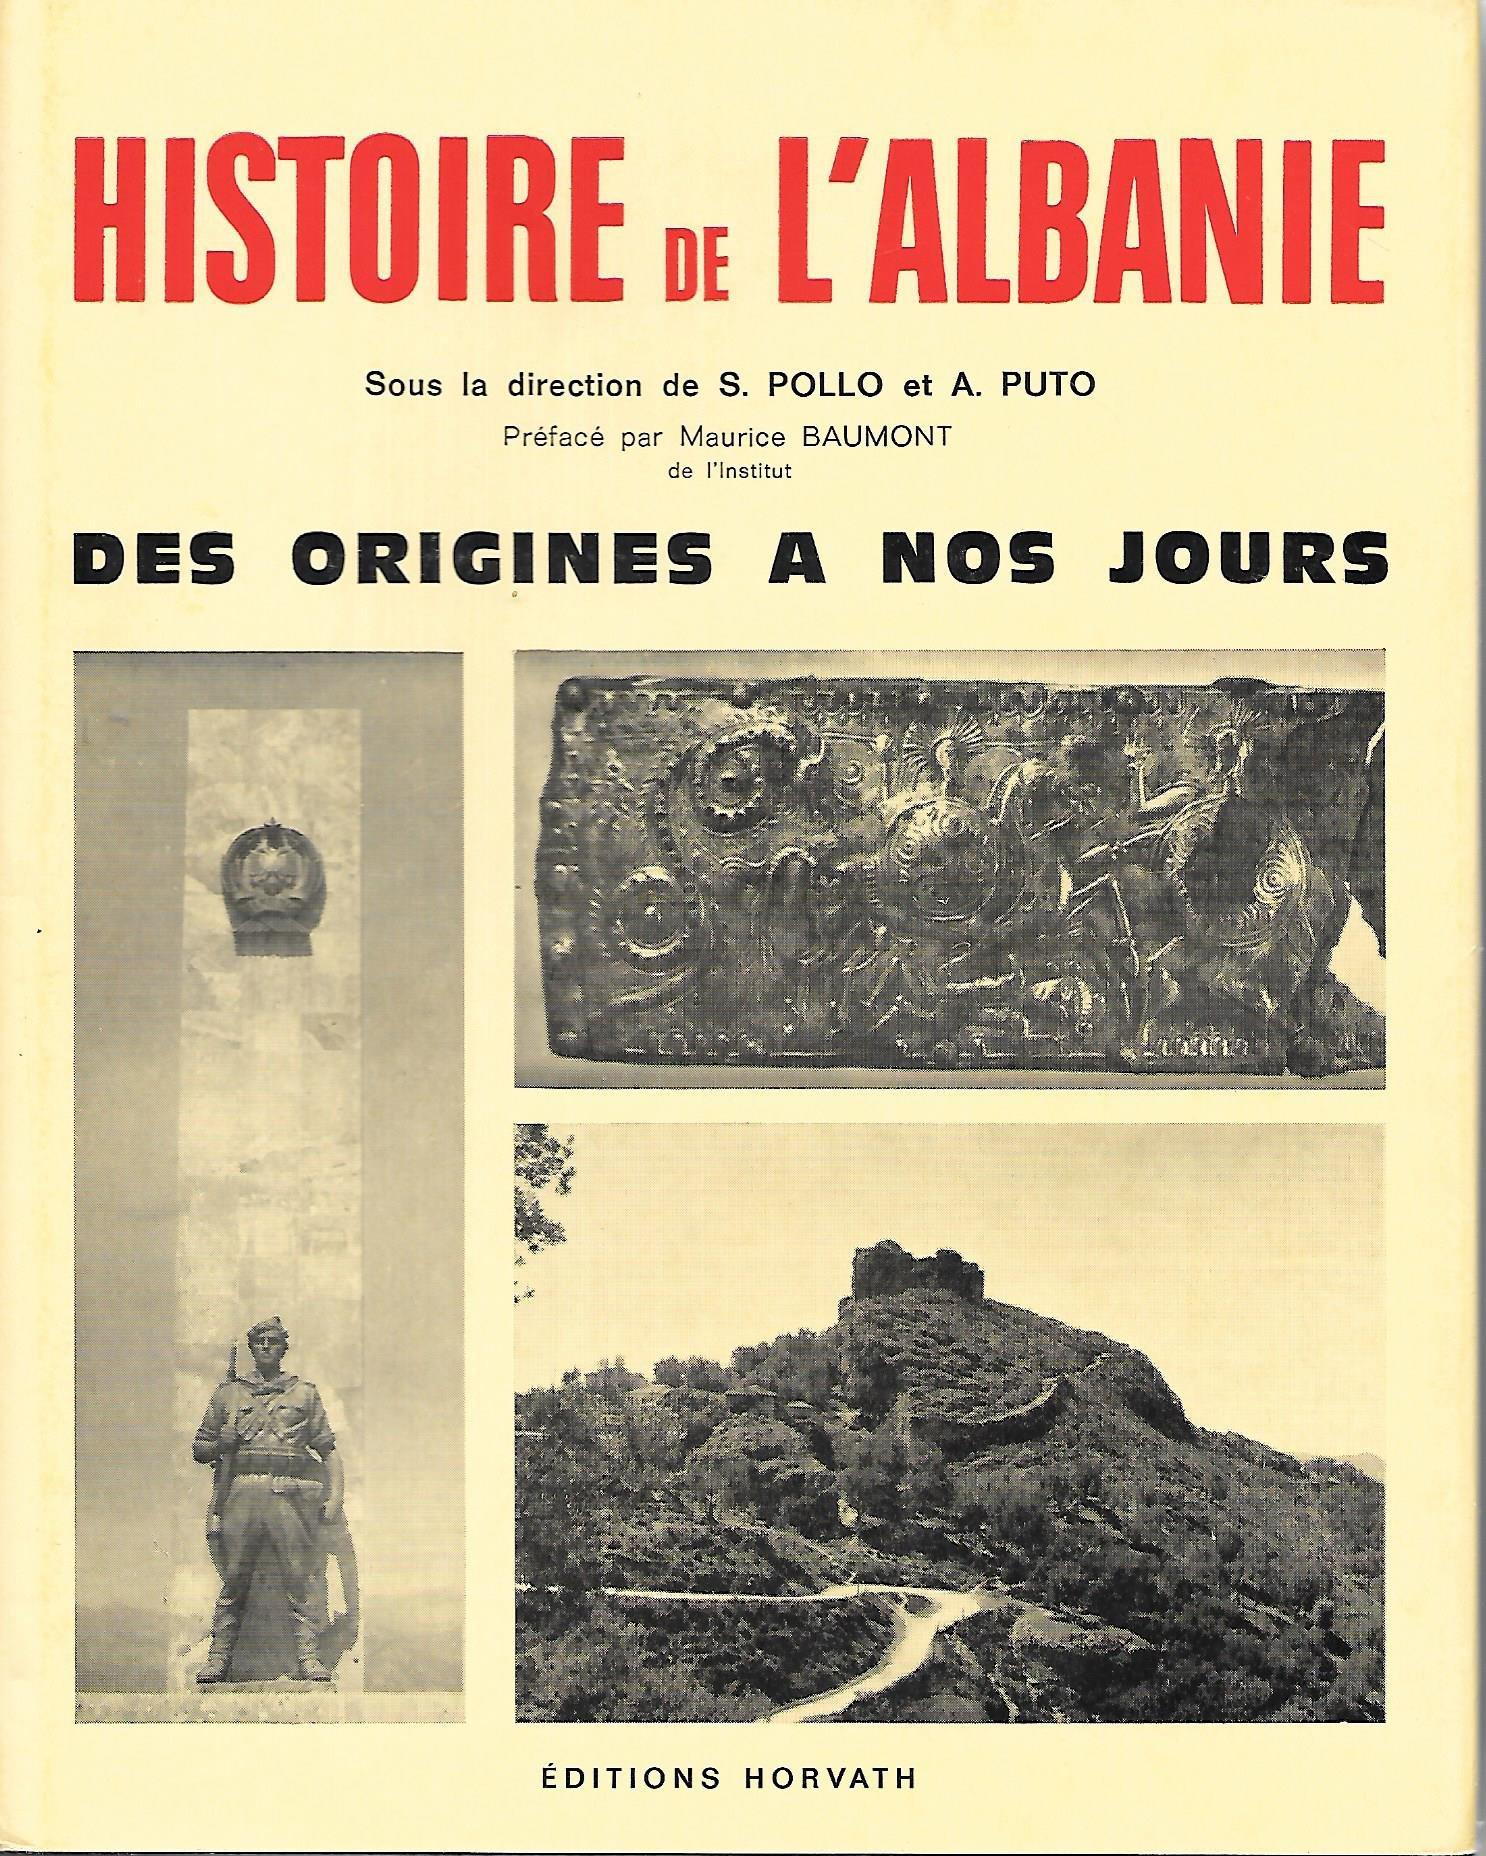 Αποτέλεσμα εικόνας για histoire de l'albanie